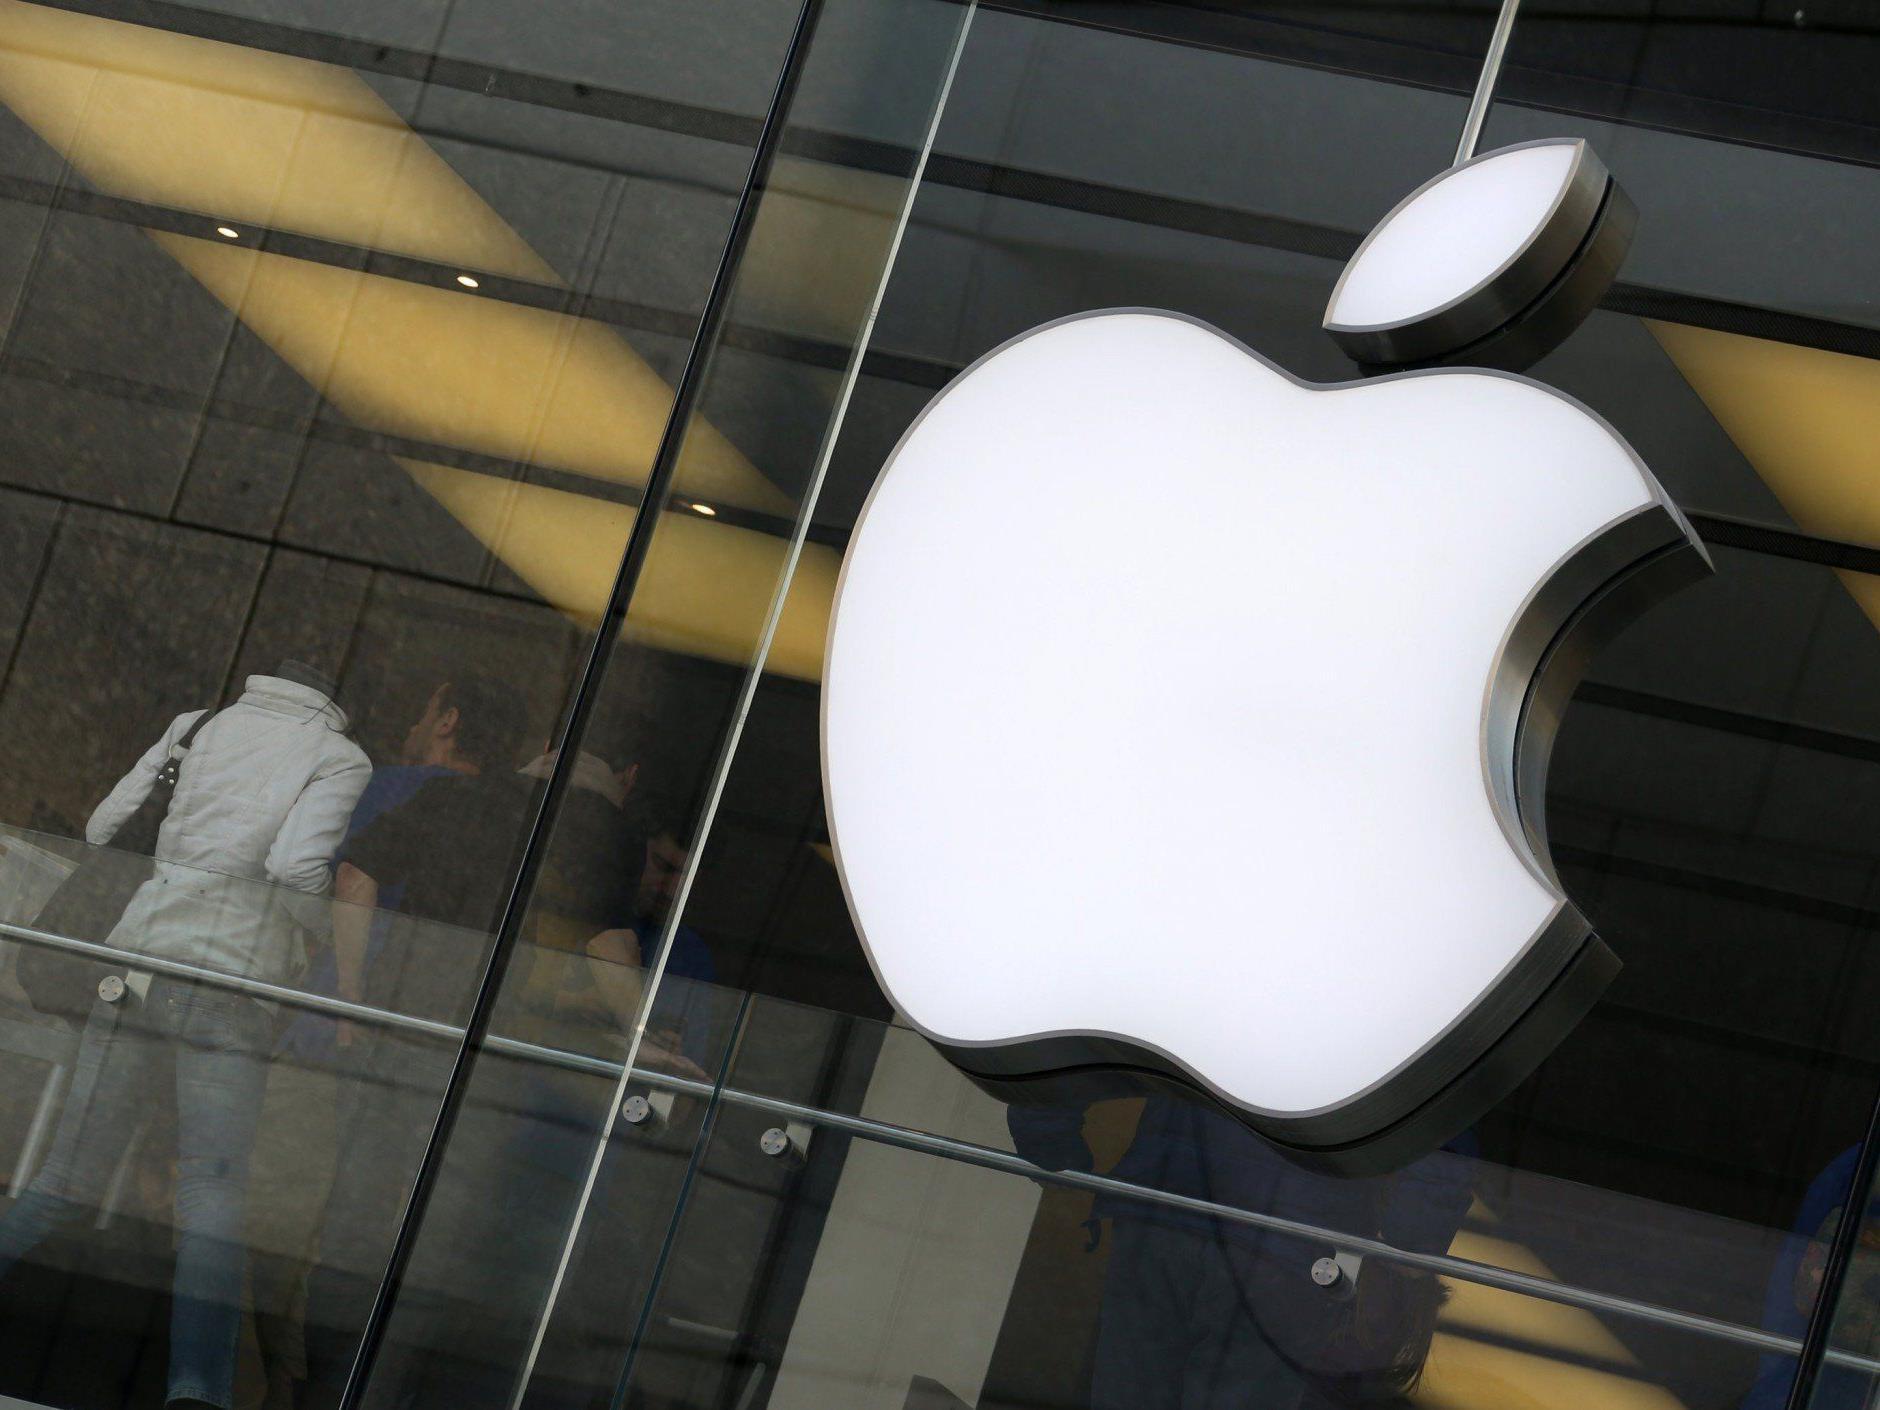 Am 10. September stellt Apple das neue IPhone vor. Ein neues IPad gibt es voraussichtlich noch vor Weihnachten.